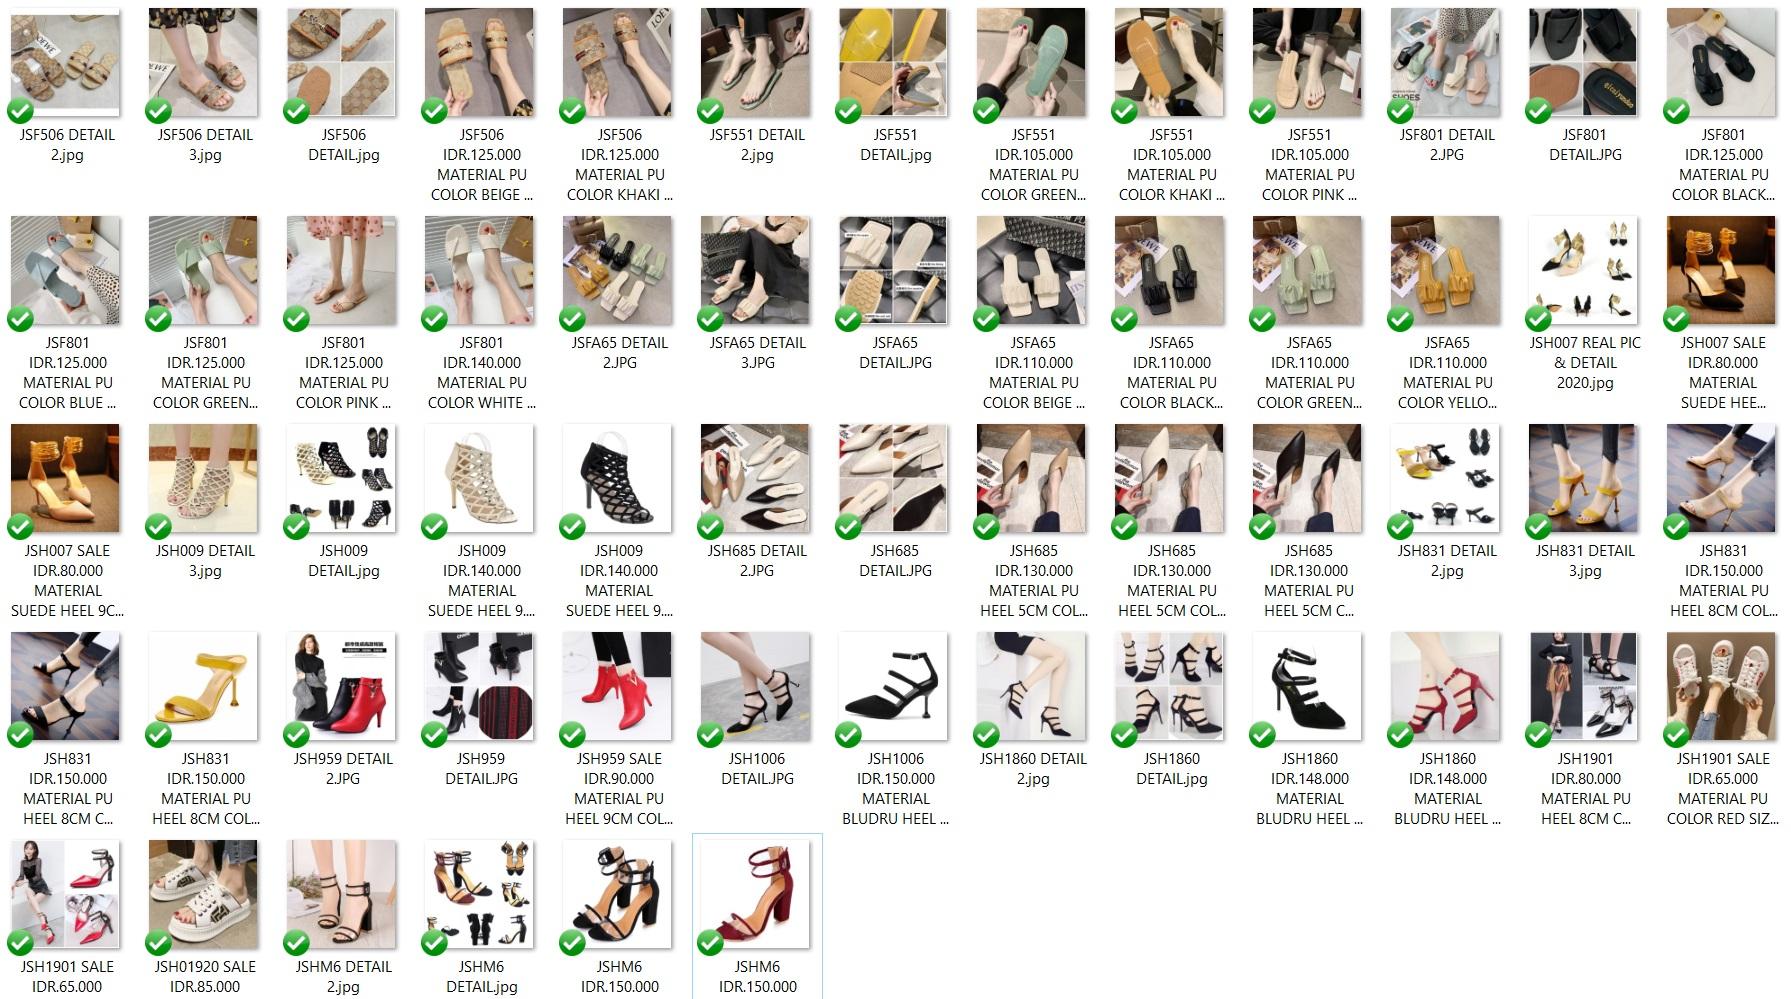 Katalog Shoes Tas.ID 30 - Sale